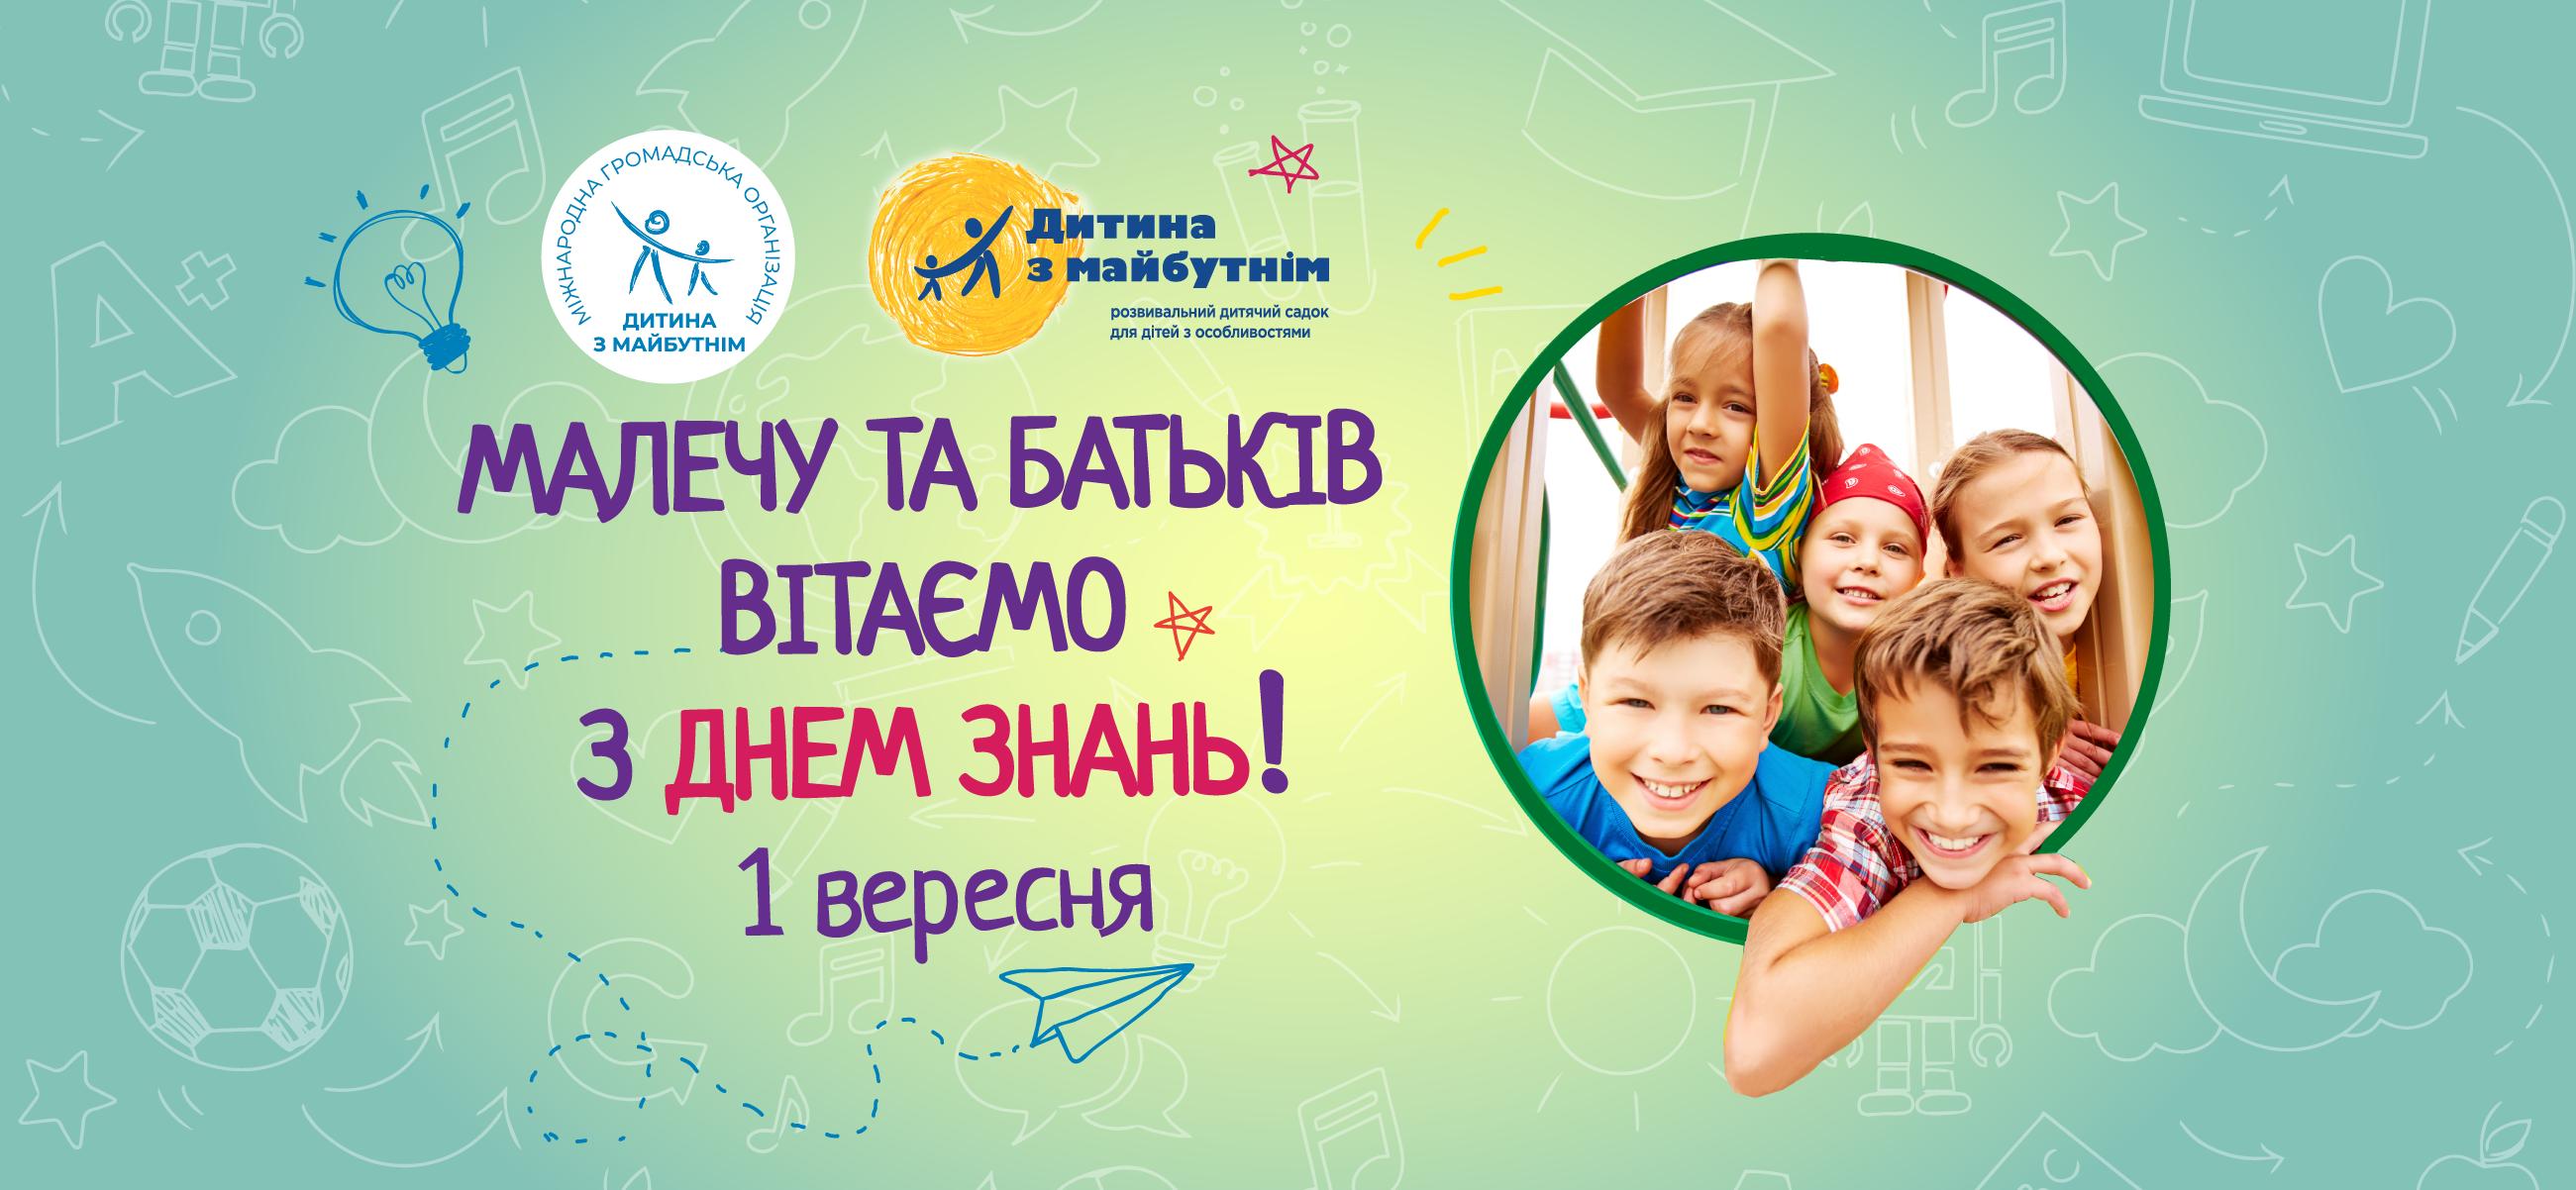 Малюків та батьків вітаємо з Днем знань!